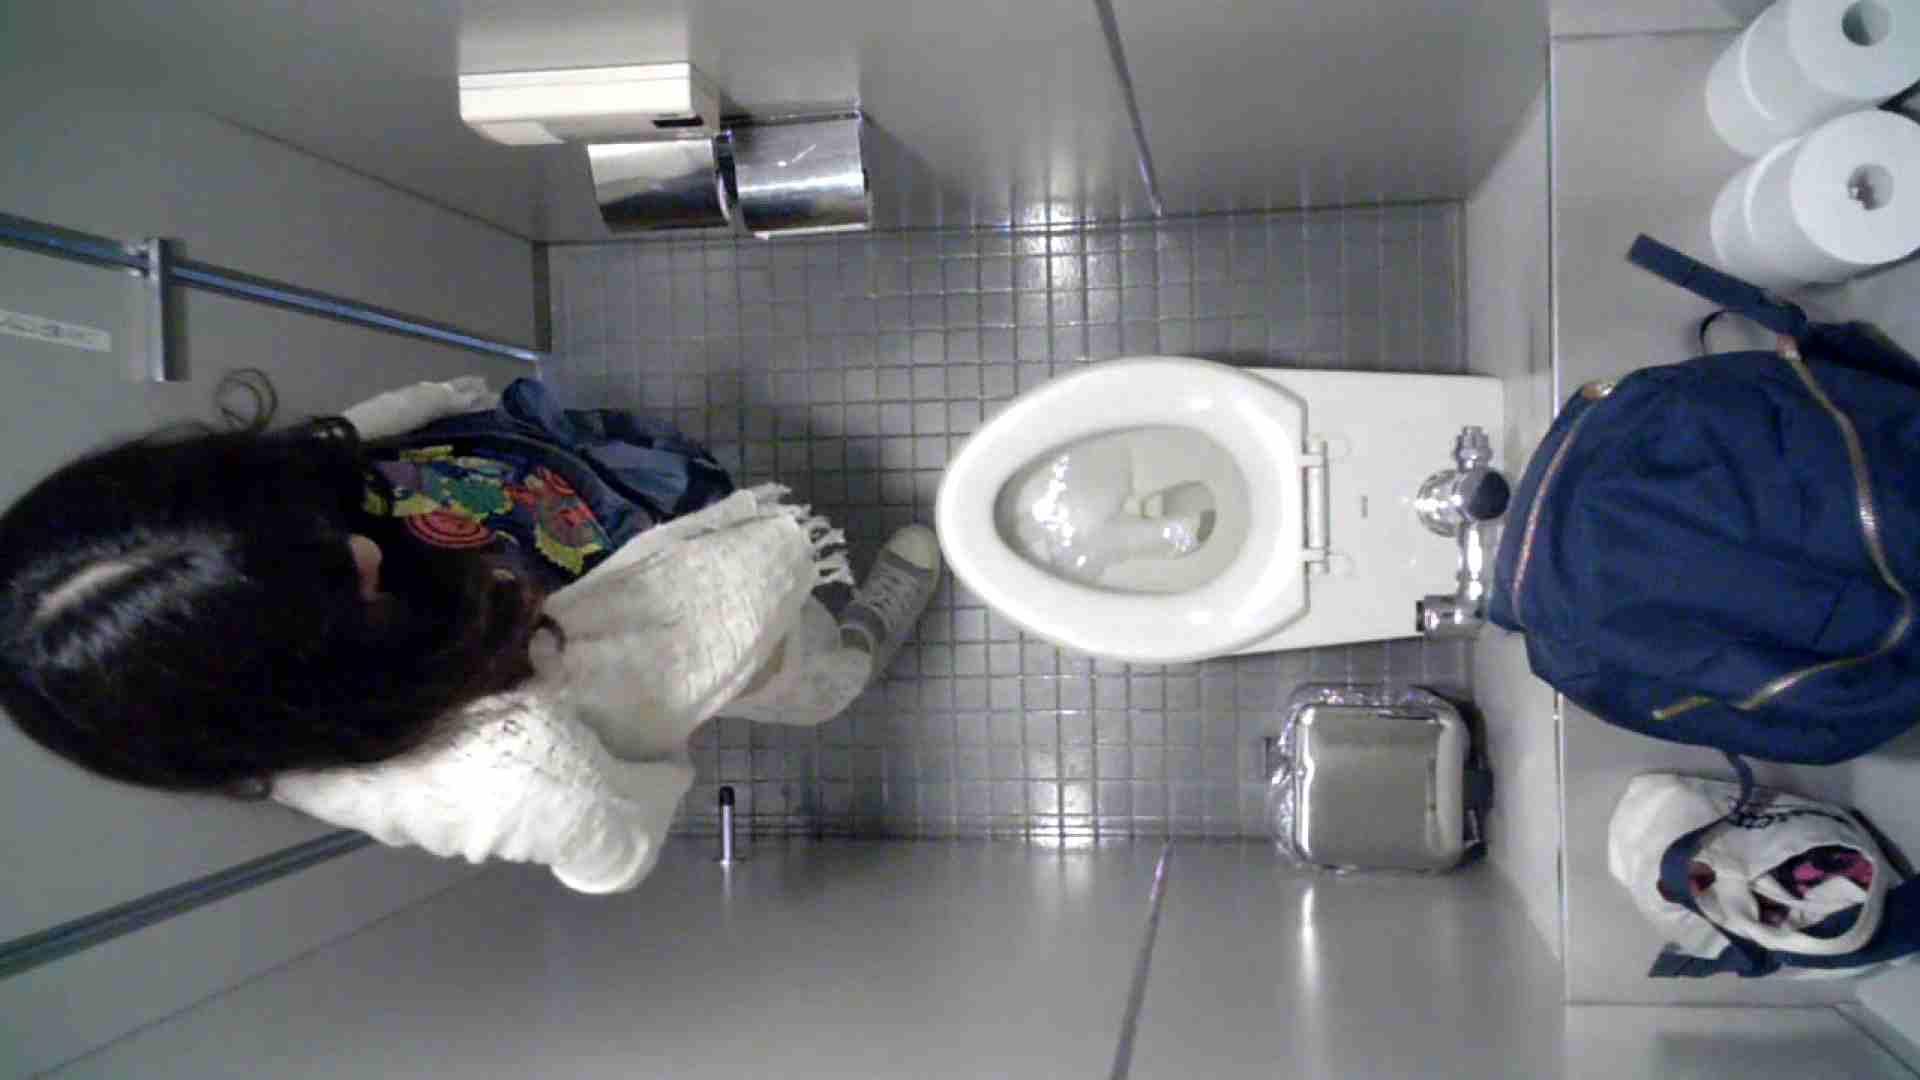 有名大学女性洗面所 vol.39 スッゴクド派手な勝負パンツ!1名+7名 和式 隠し撮りセックス画像 107画像 39